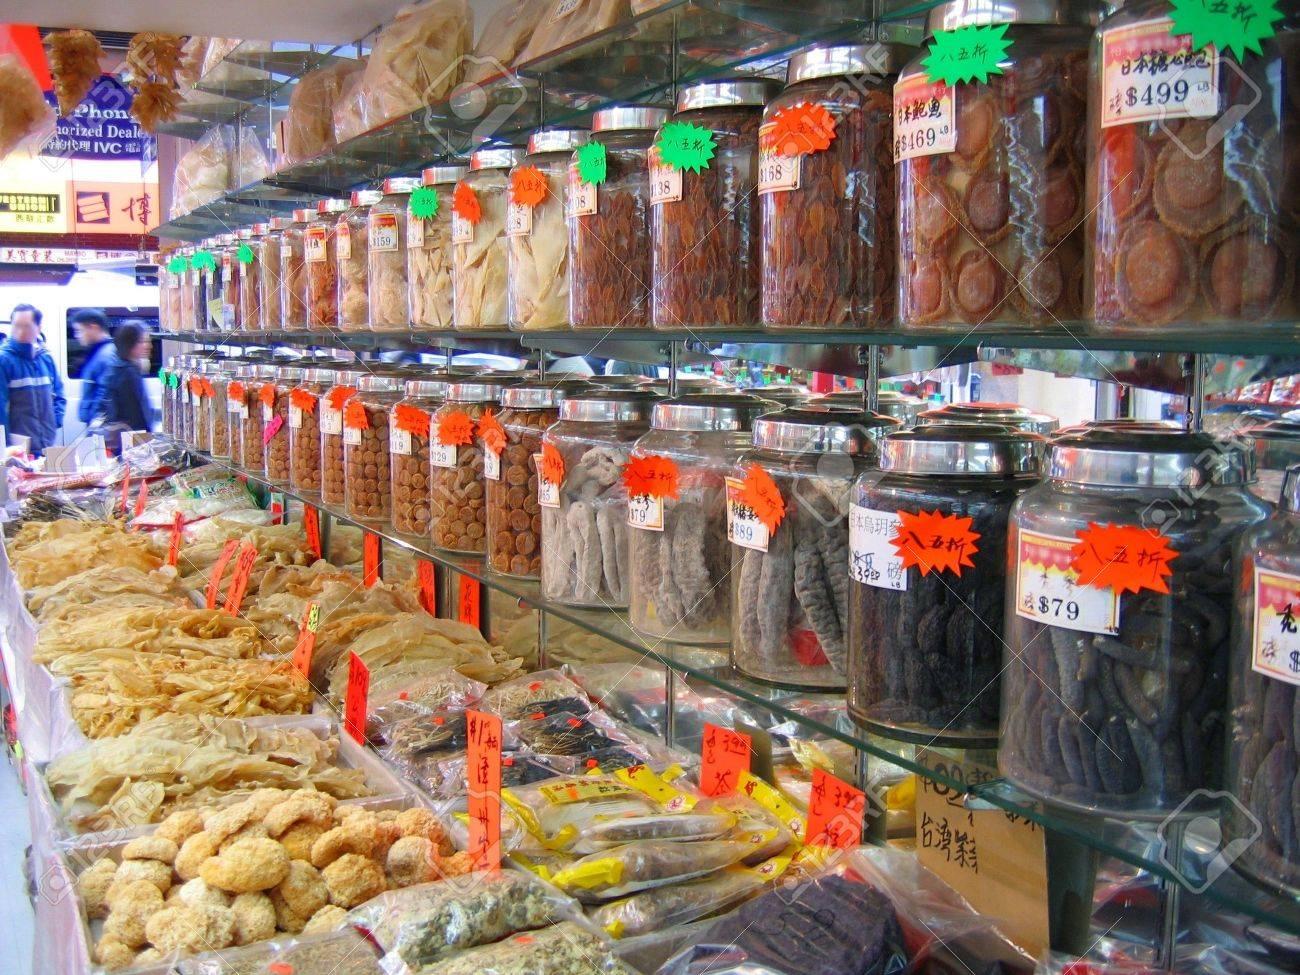 Chinatown Market Goods Stock Photo - 794842